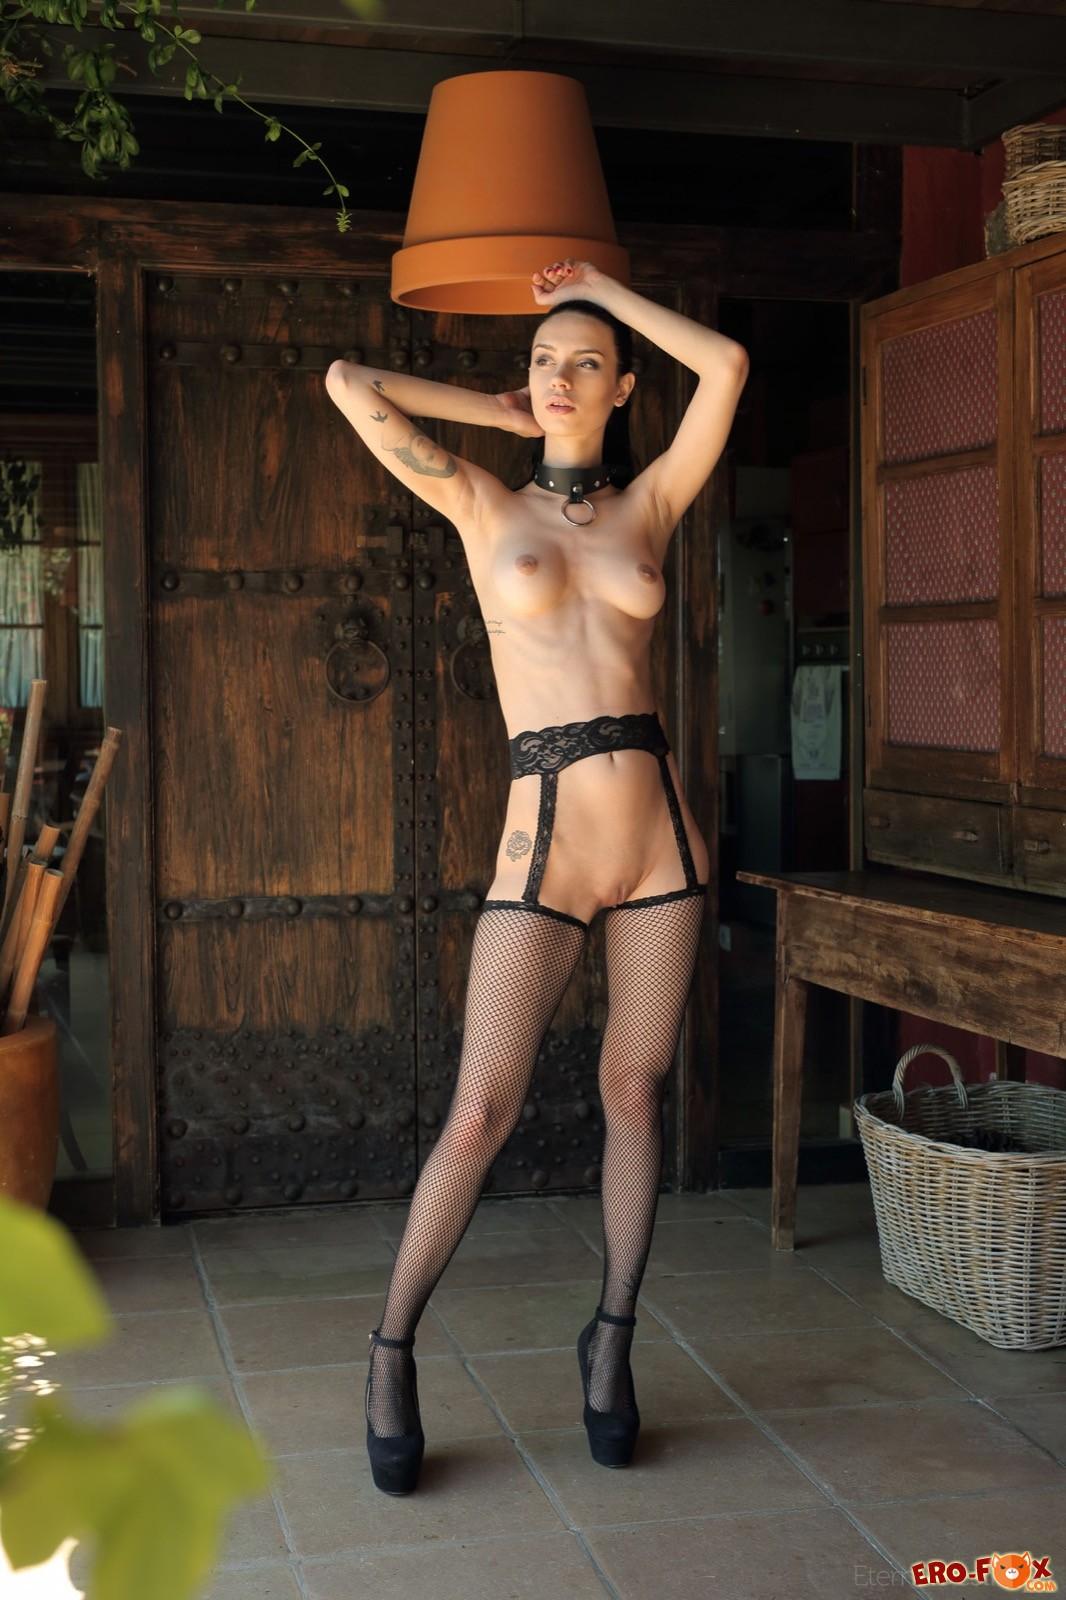 Девушка в чулках и ошейнике эротично позирует